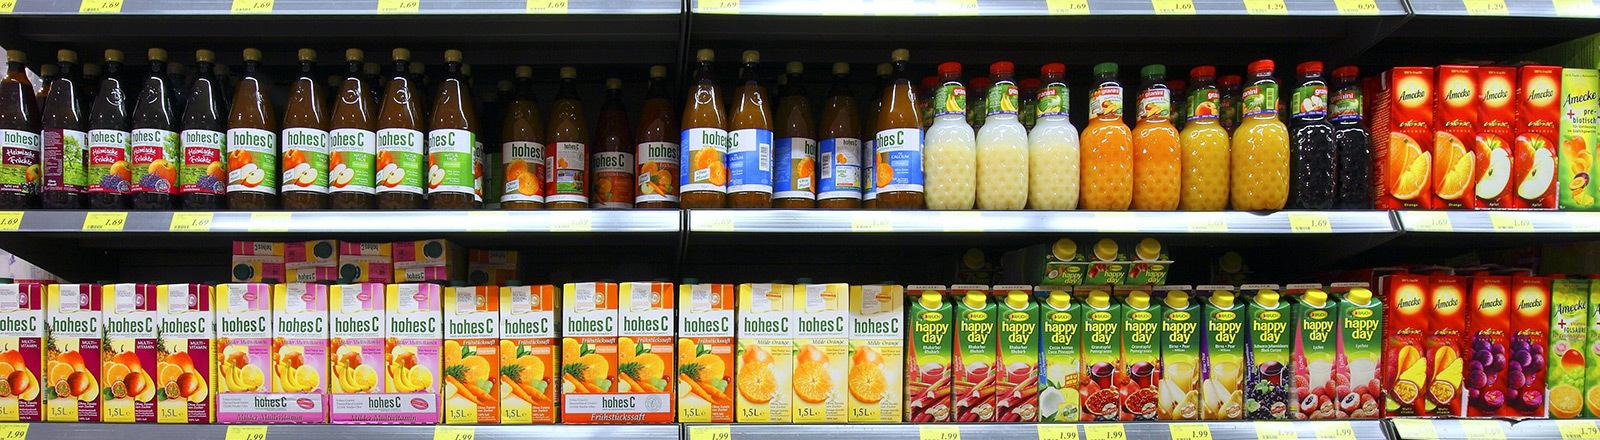 Ein Regal im Supermarkt mit Fruchtsäften